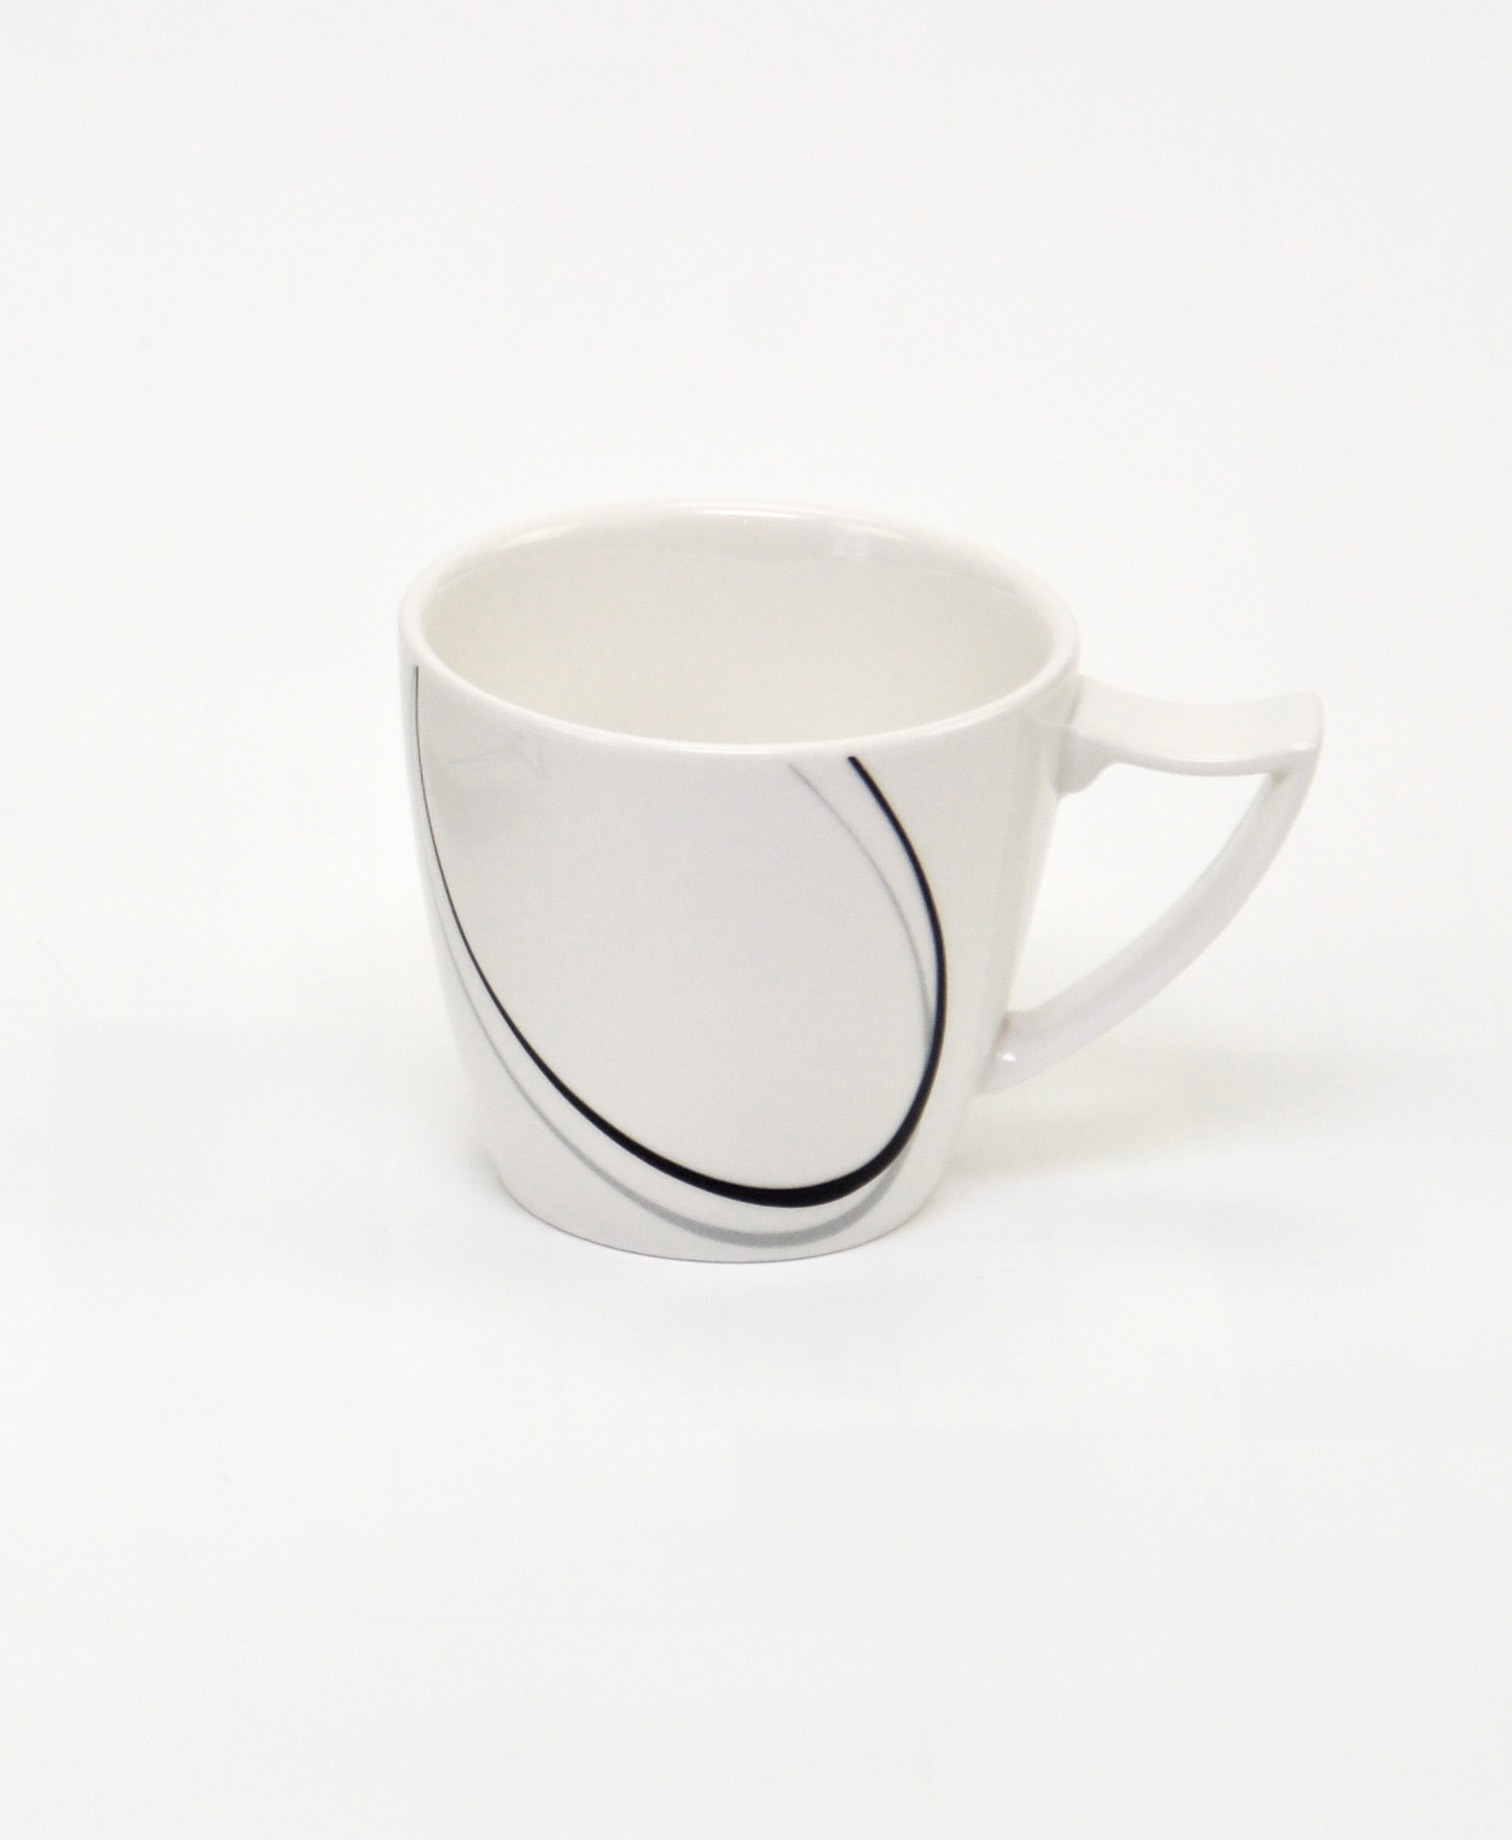 18tlg kaffeeservice scarlett 6 personen porzellan geschirr schwarz wei tassen. Black Bedroom Furniture Sets. Home Design Ideas